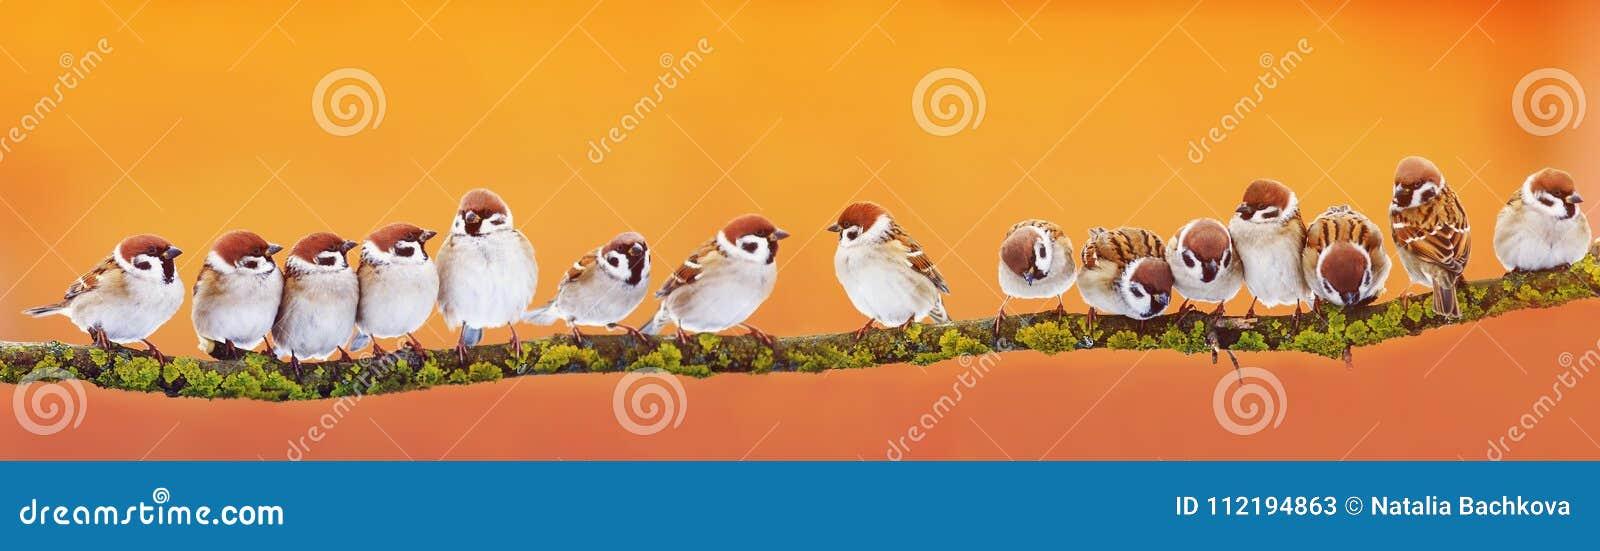 很多滑稽的小的鸟麻雀全景横幅在增殖比的